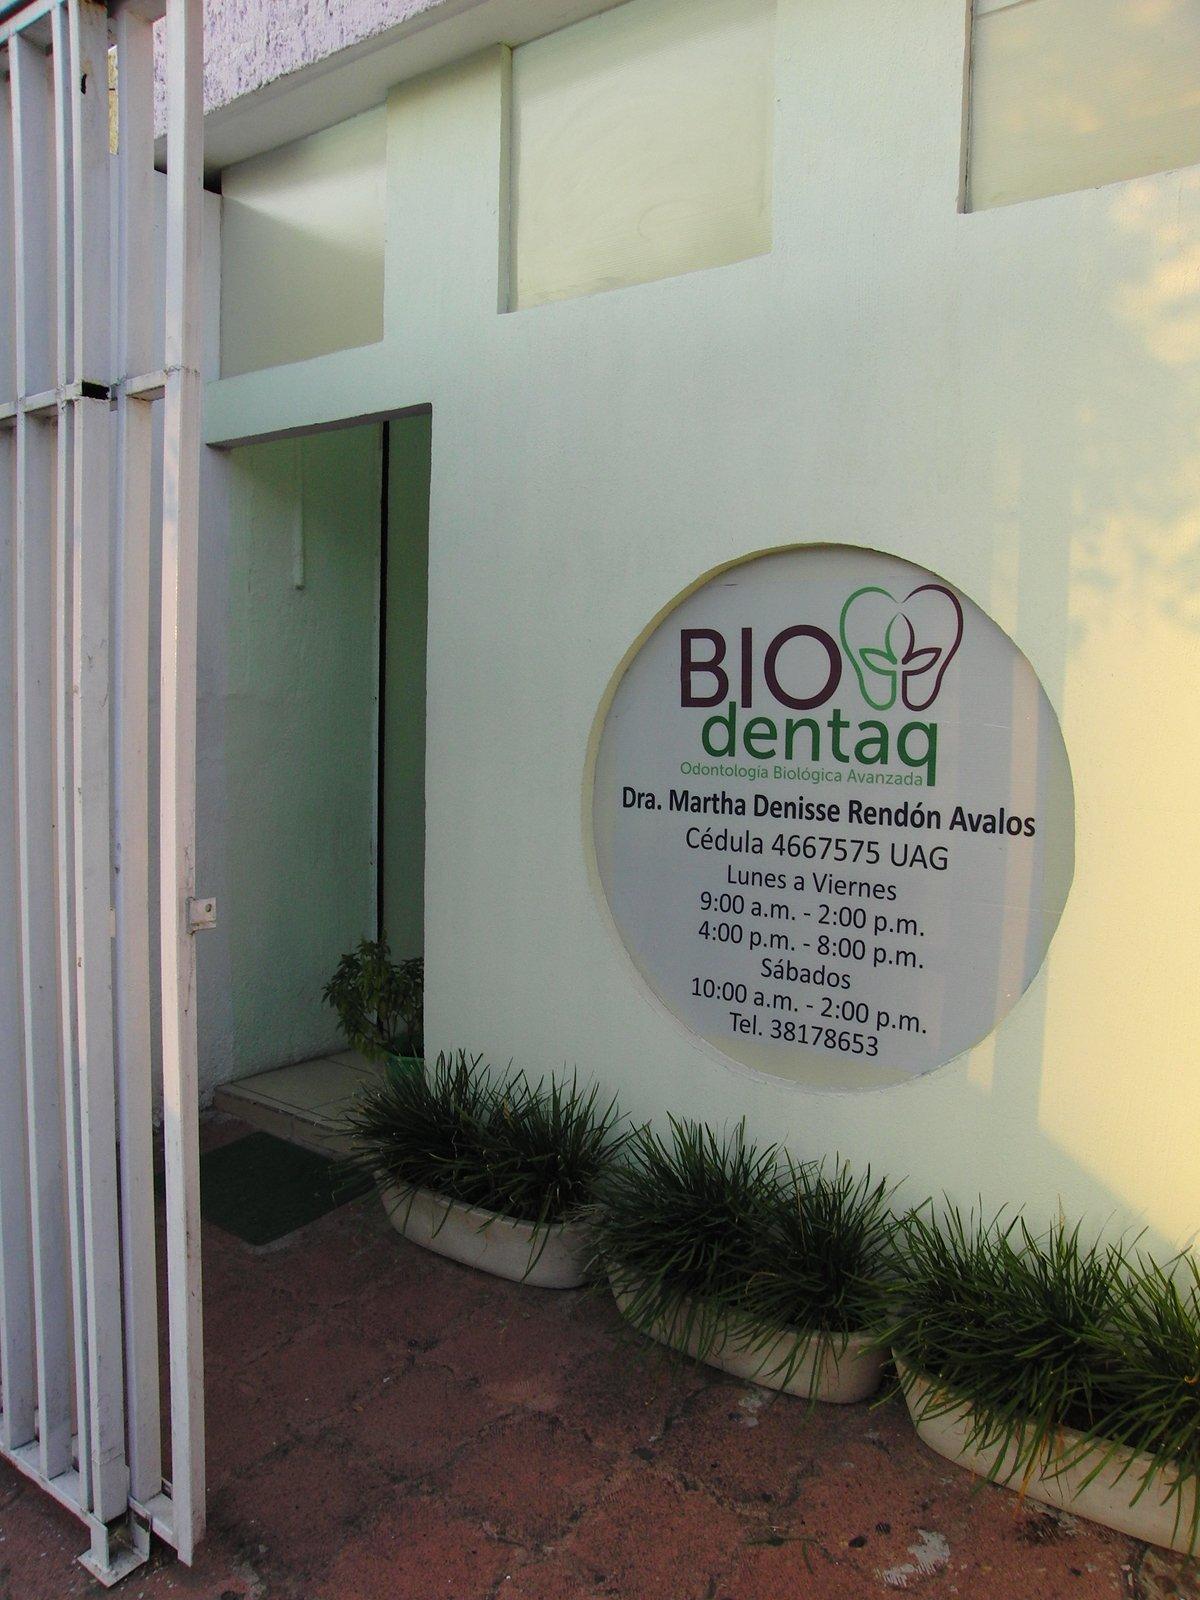 Biodentaq